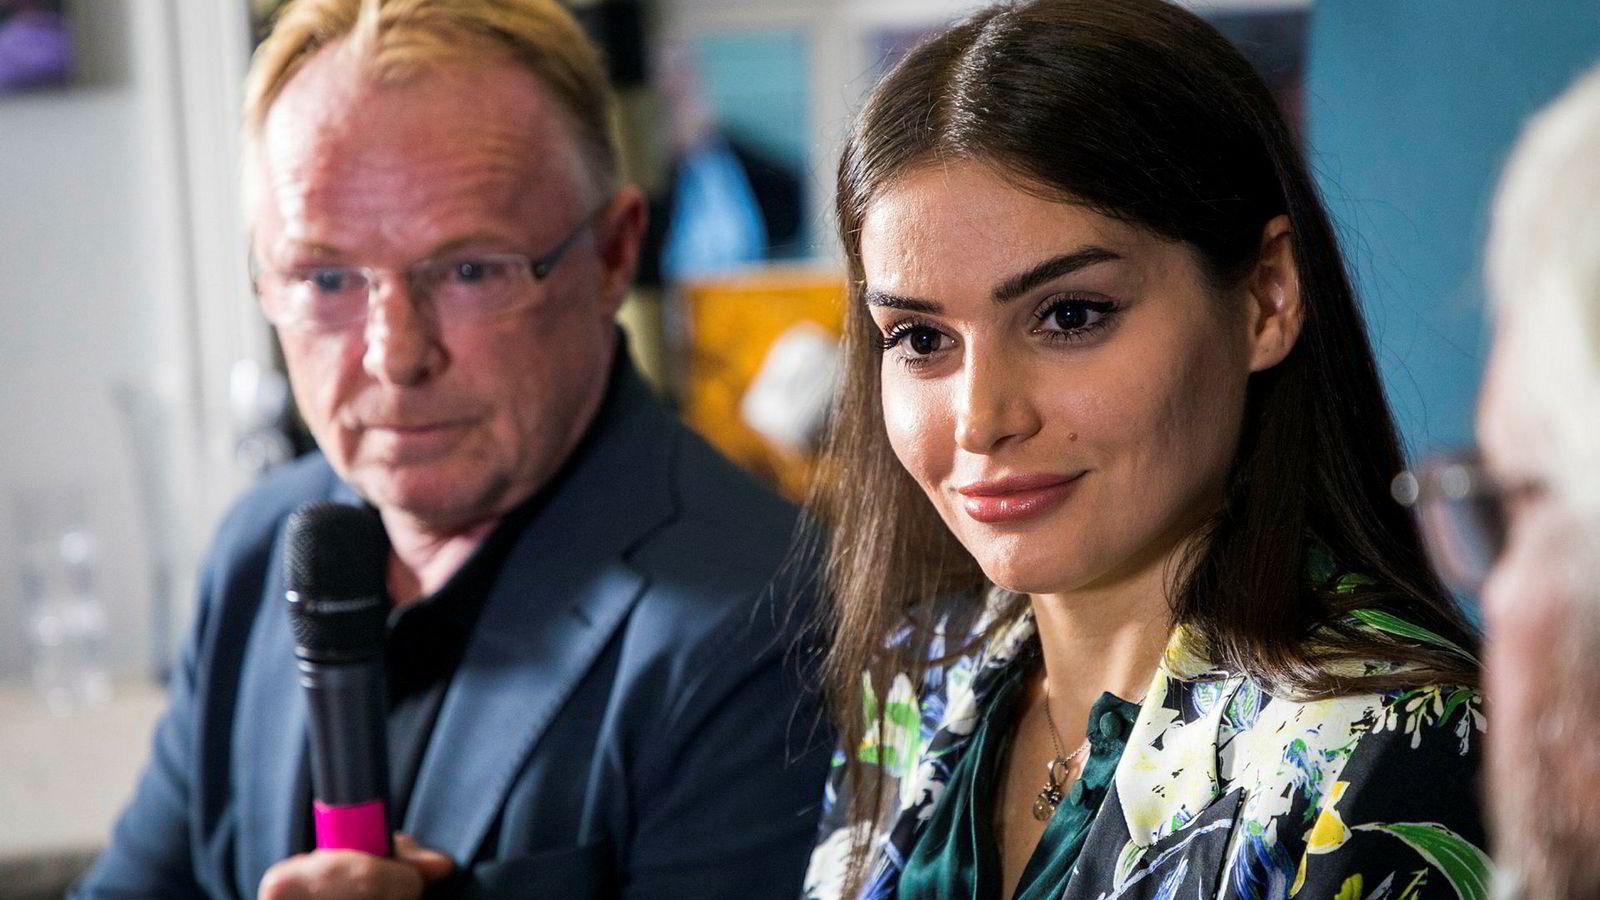 Per Sandbergs kjæreste Bahareh Letnes går kraftig ut mot skribent Mina Ghabel Lunde. Bildet er fra en felles pressekonferanse mellom Letnes og Sandberg etter at Sandberg trakk seg som fiskeriminister.